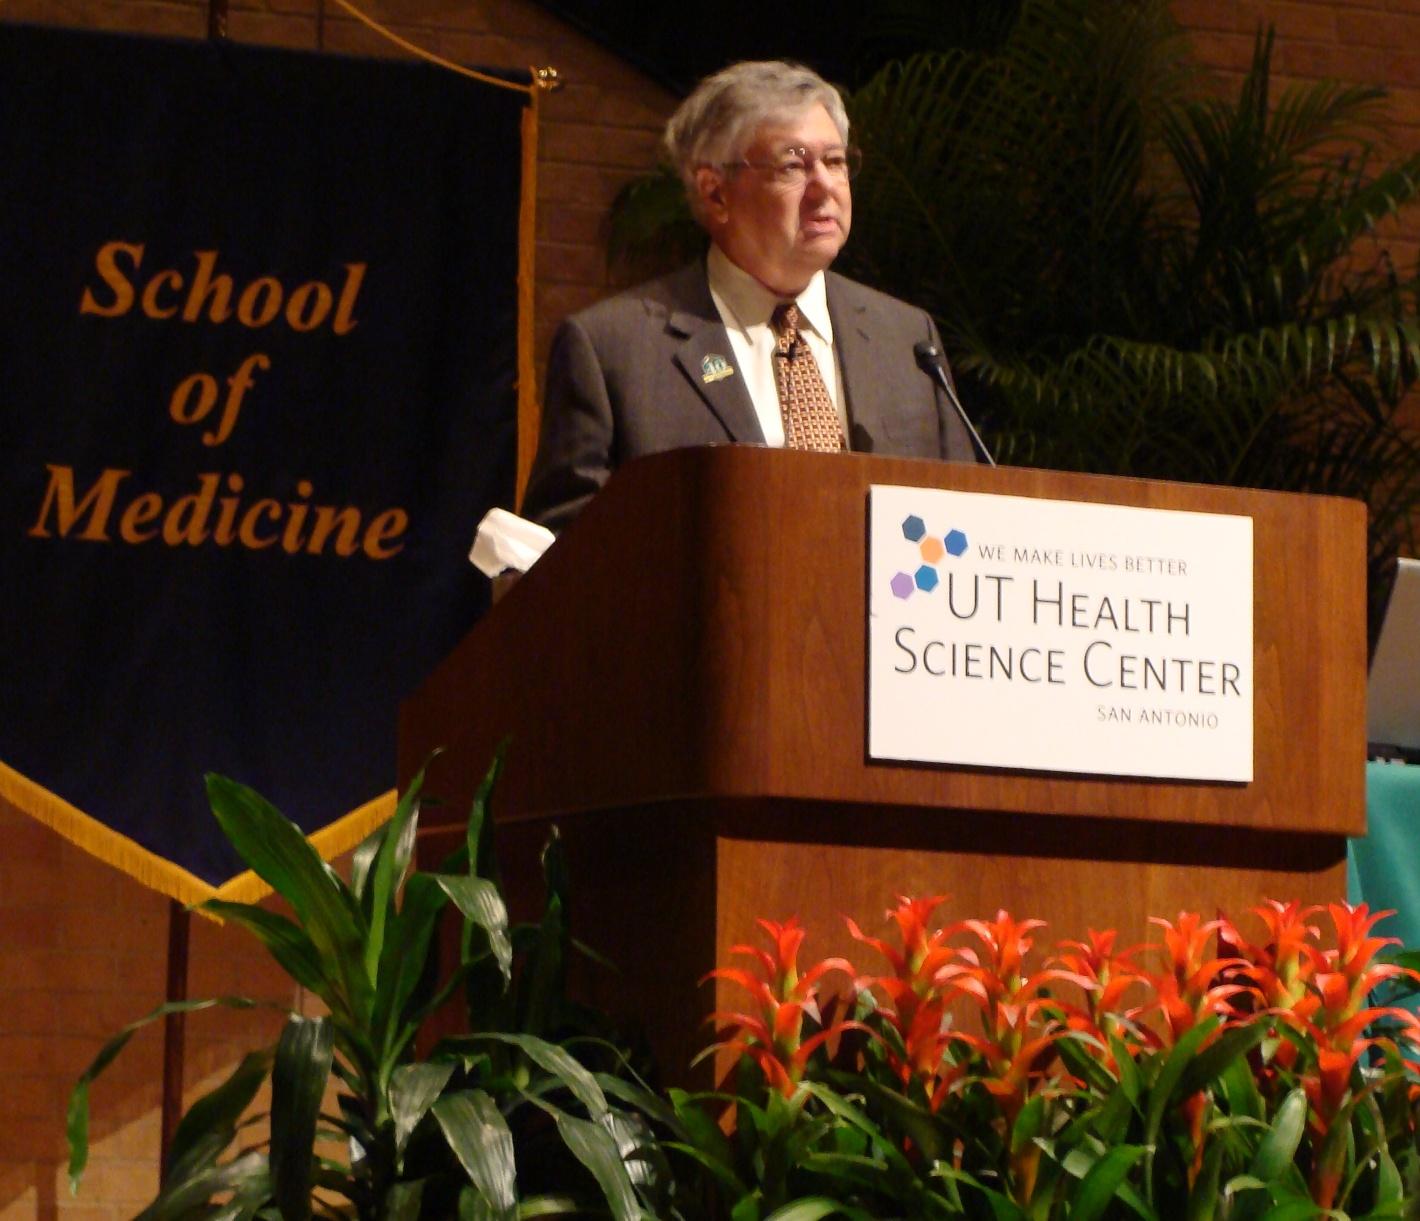 University of Texas School of Medicine at San Antonio